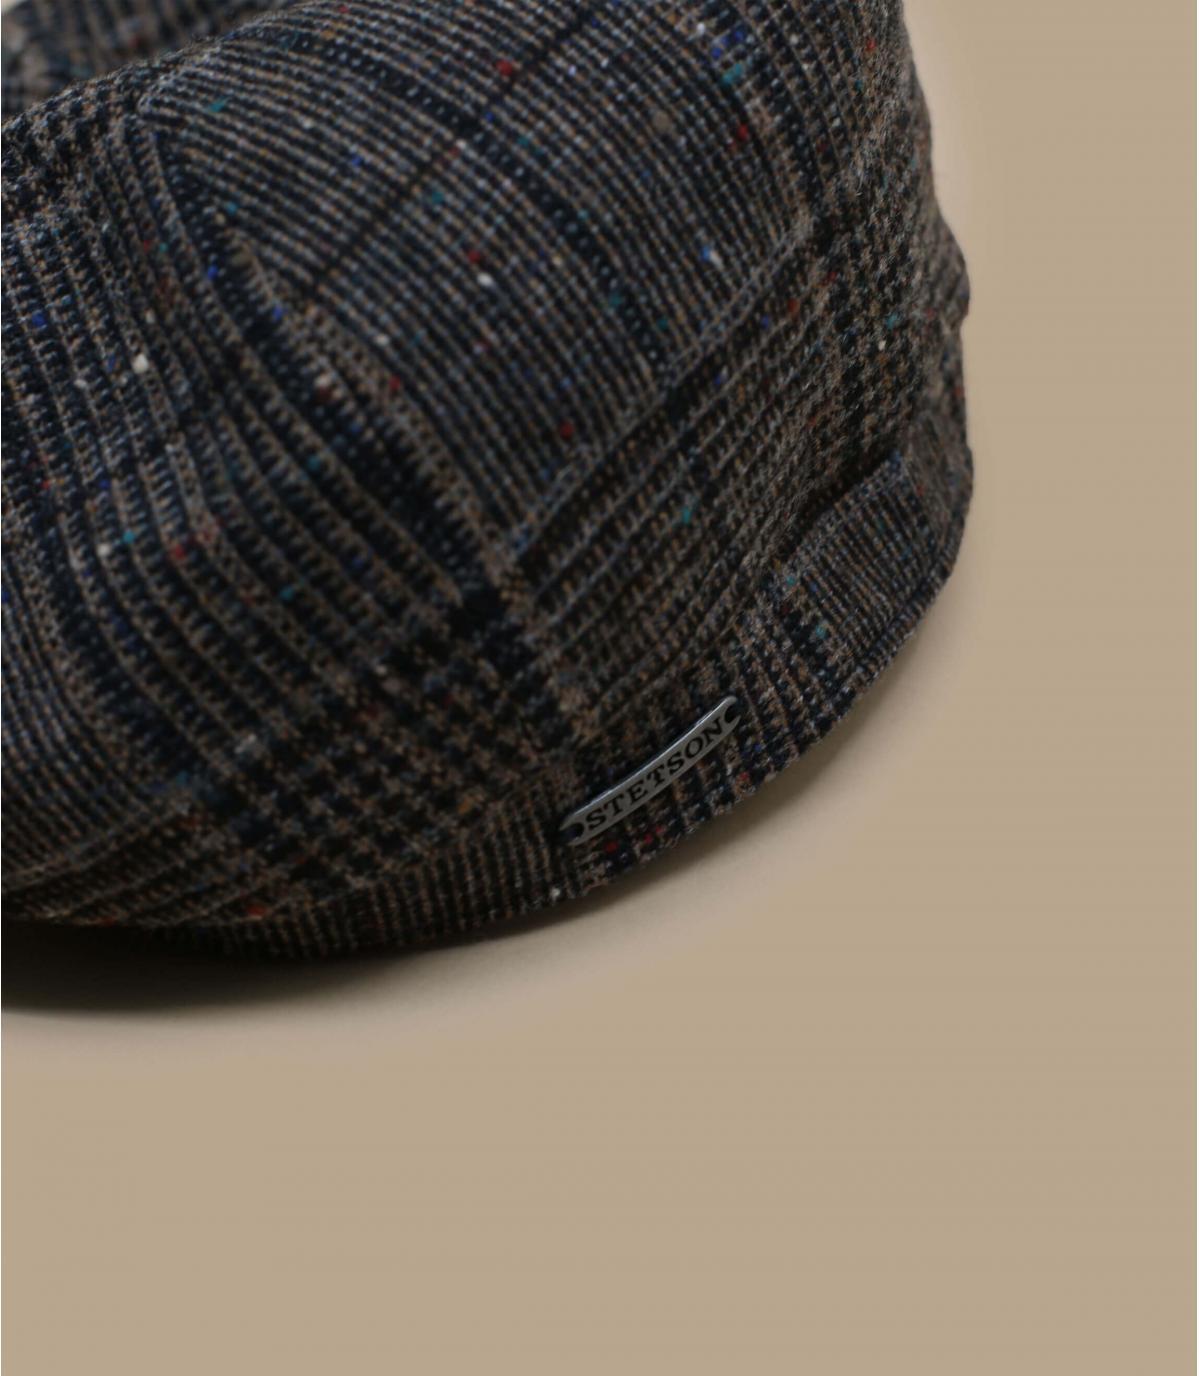 Dettagli Hatteras Wool brown check - image 2